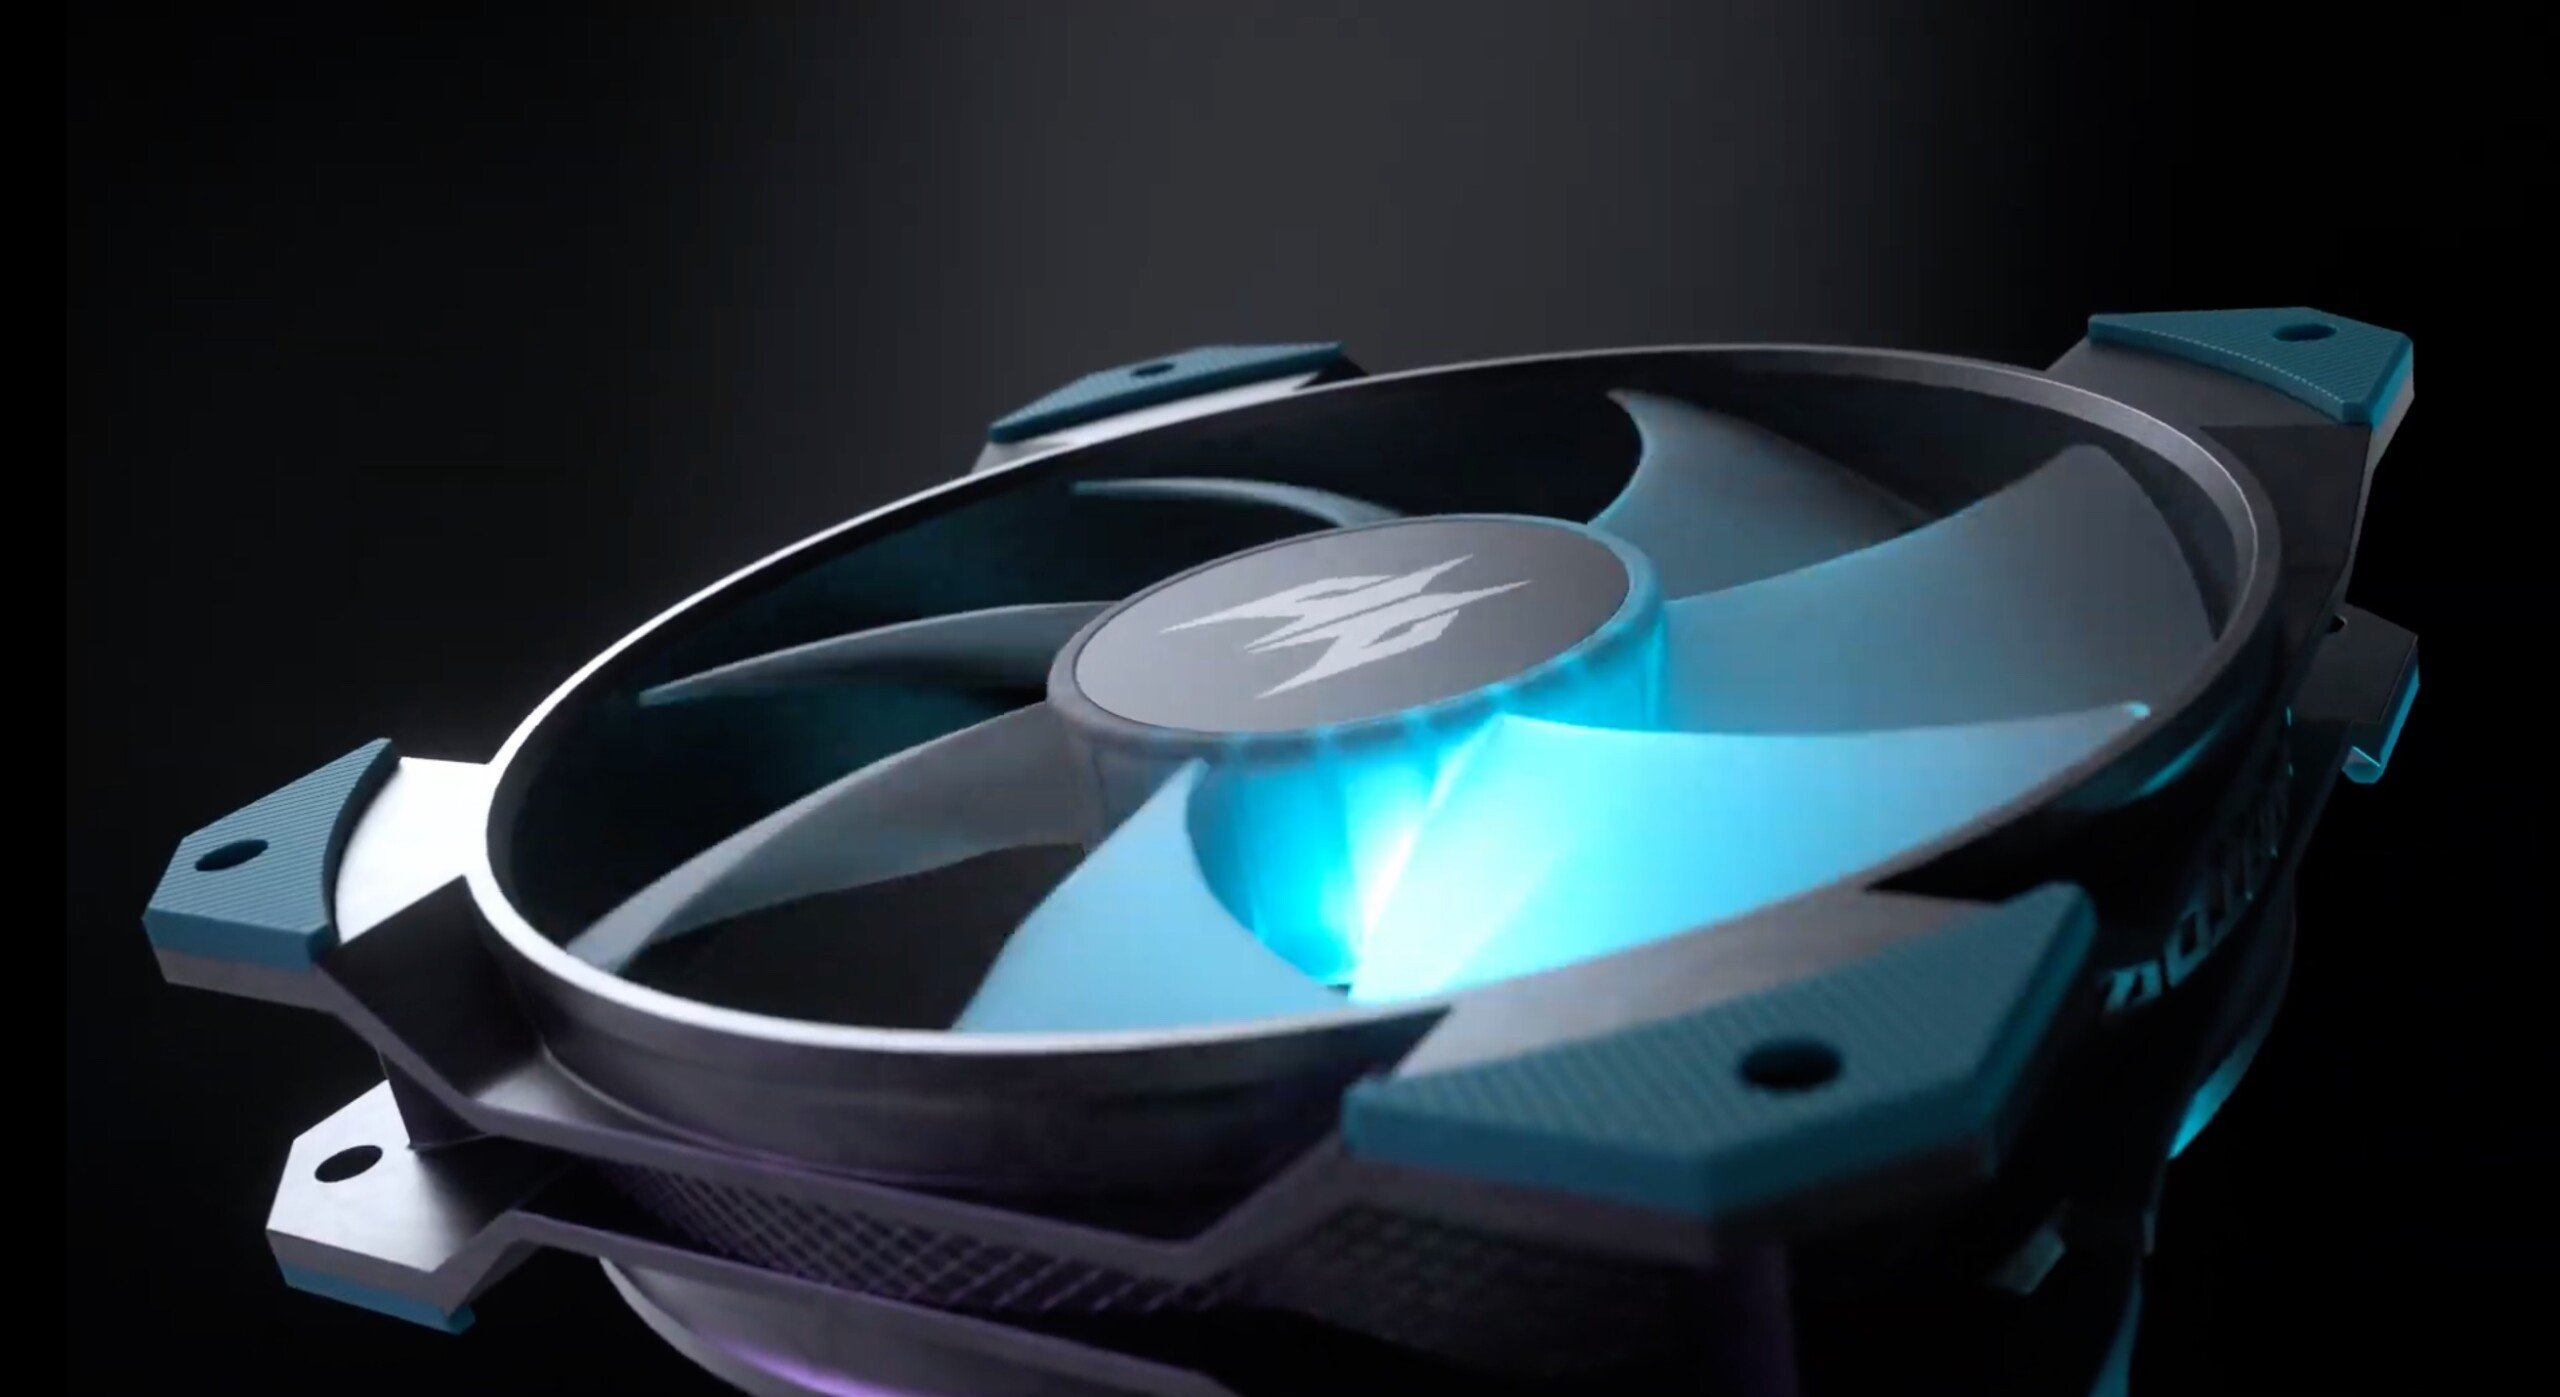 Acer se lance dans les composants PC avec FrostBlade, son premier ventilateur